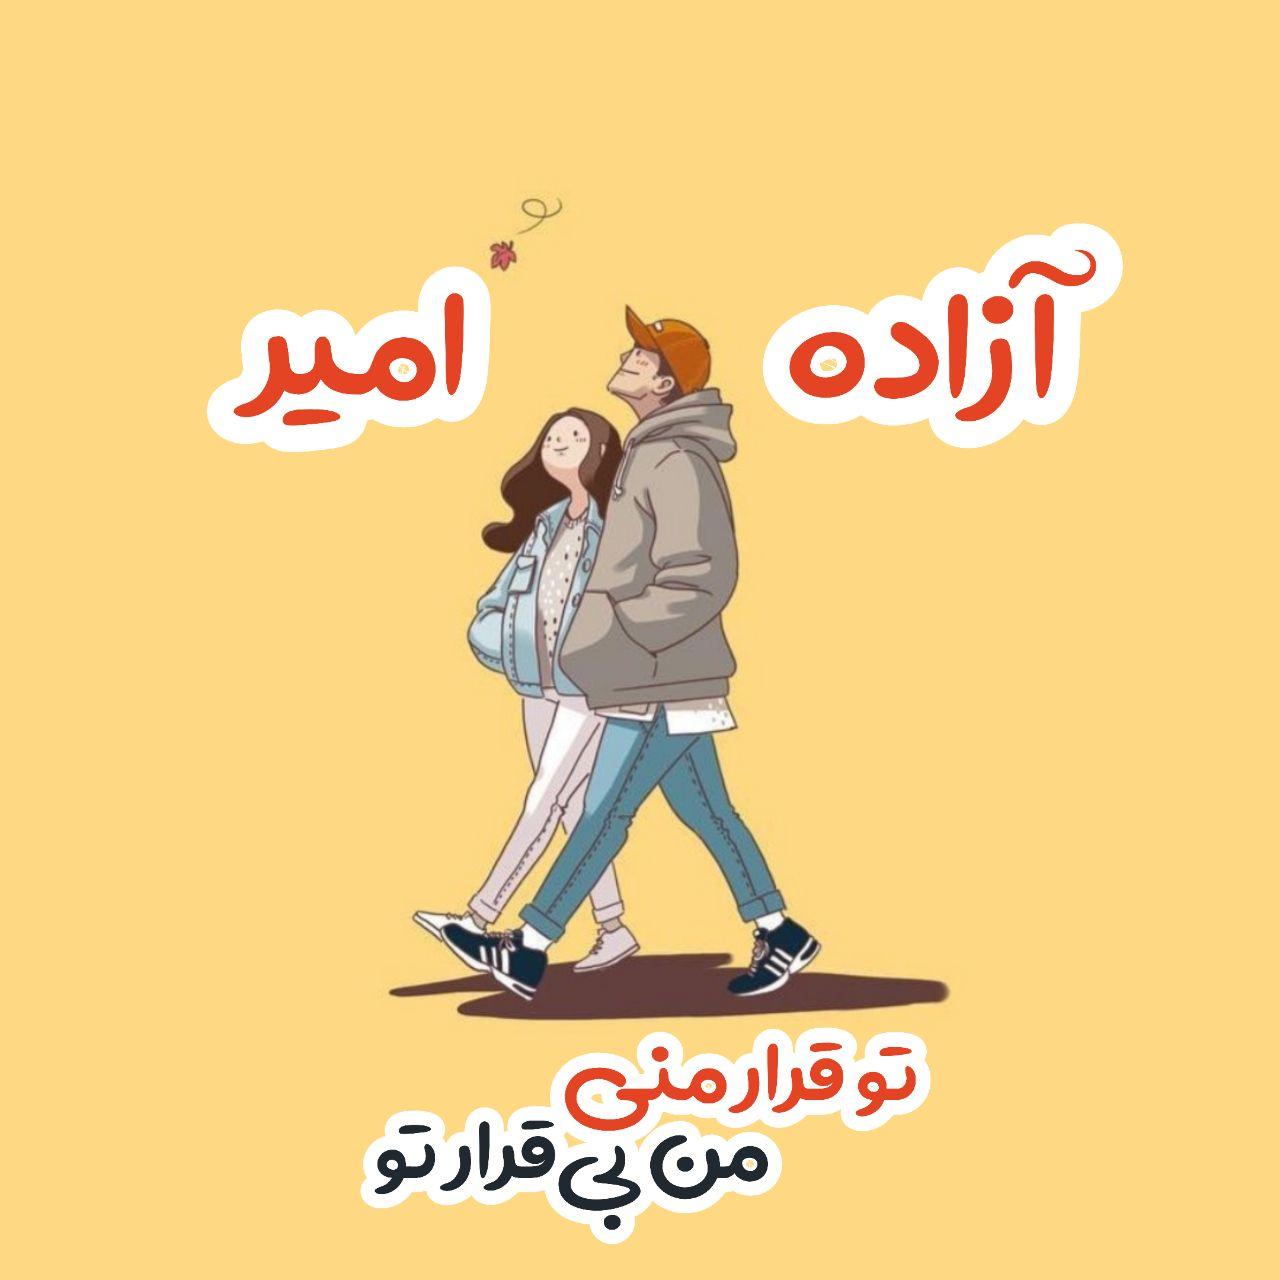 لوگو و عکس نوشته ی اسم آزاده و امیر(درخواستی)